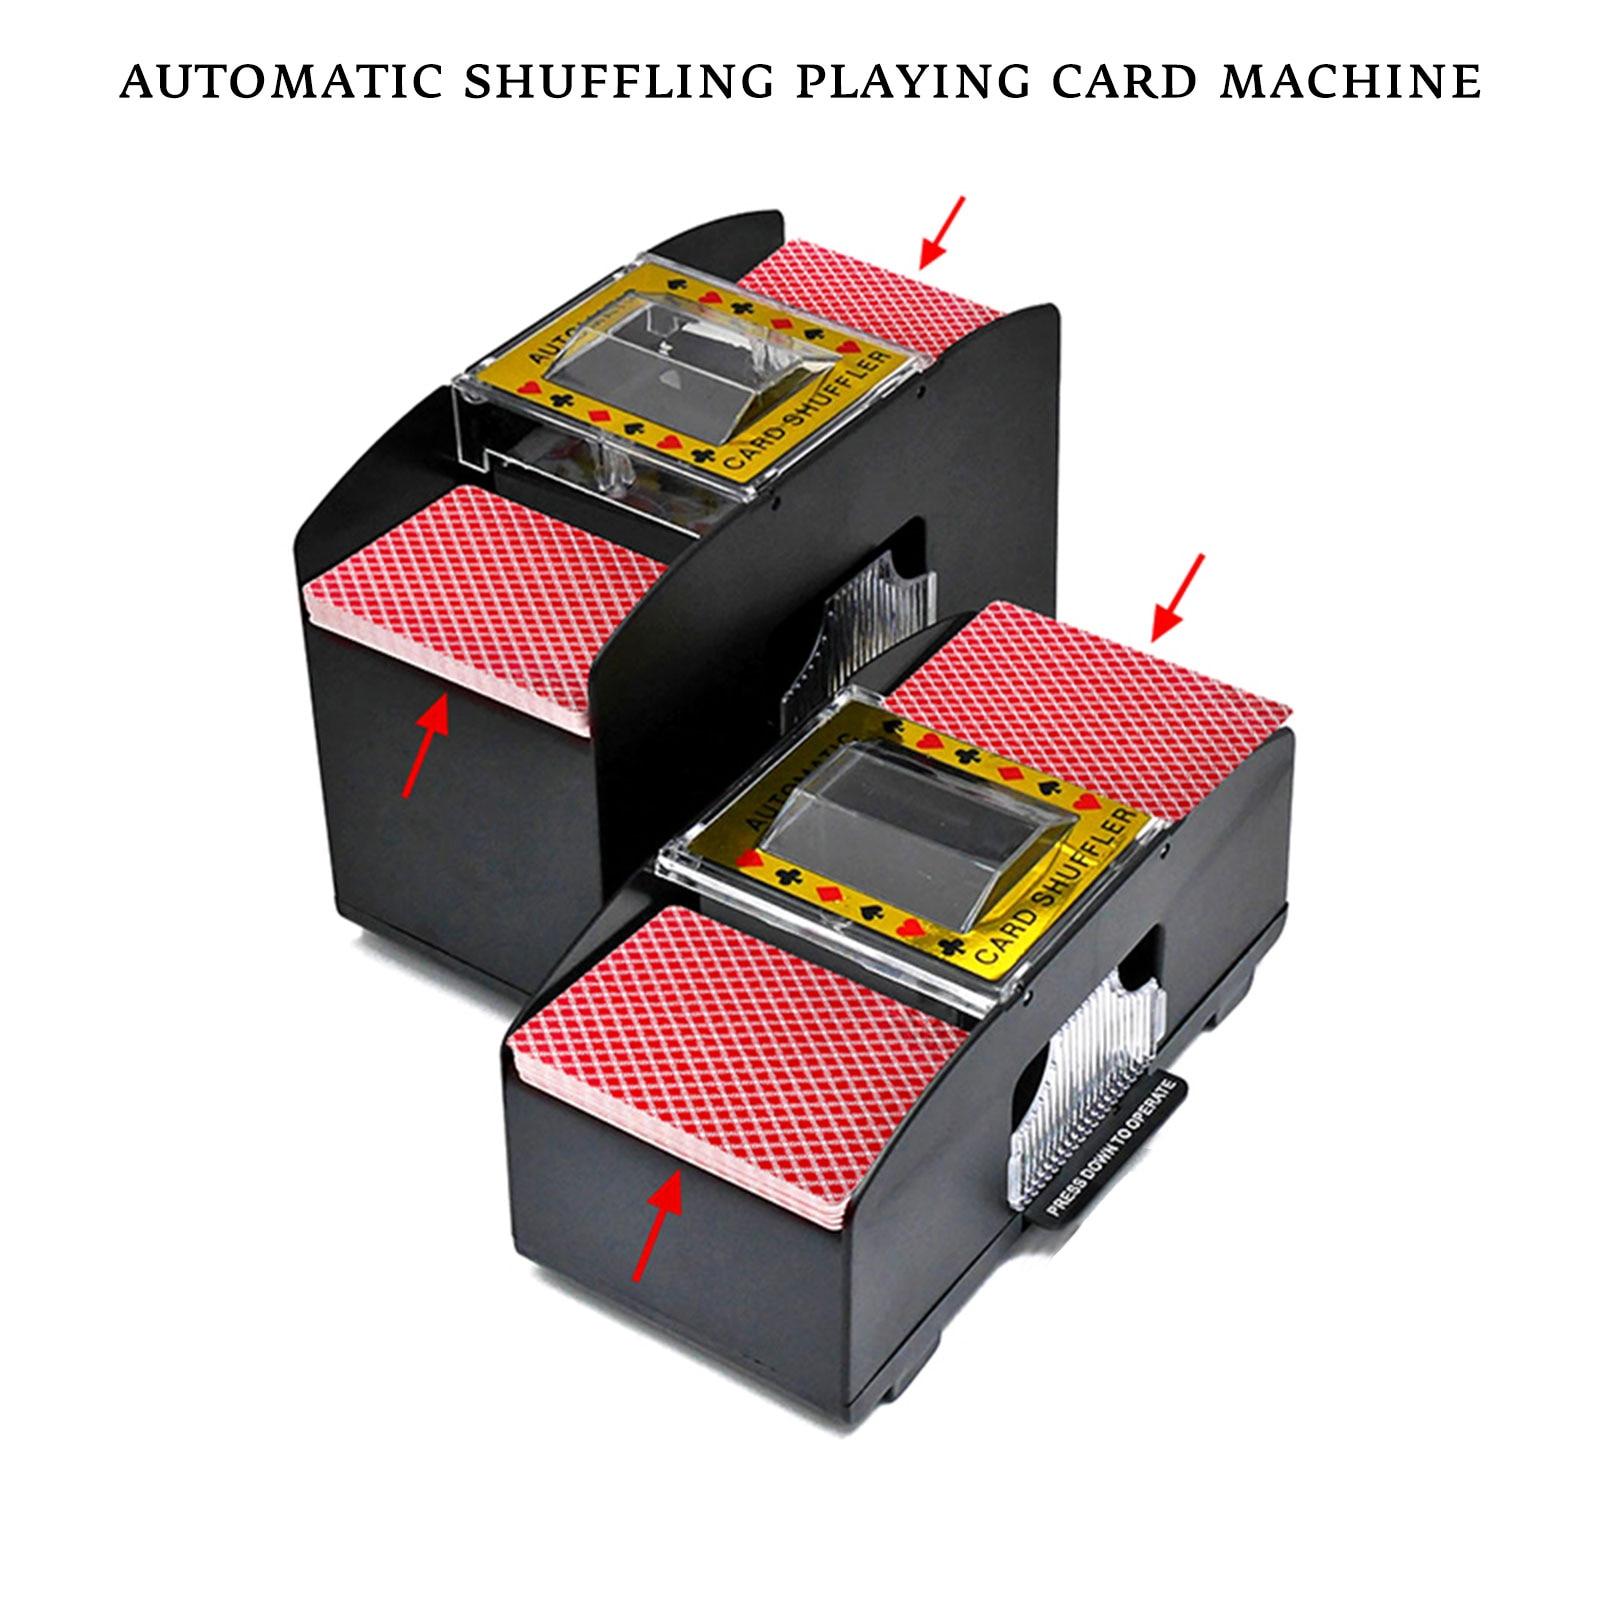 جديد التلقائي بوكر بطاقة المراوغة الإلكترونية بوكر بطاقة خلط جهاز بطارية تعمل بطاقات اللعب أداة للكازينو في المنزل